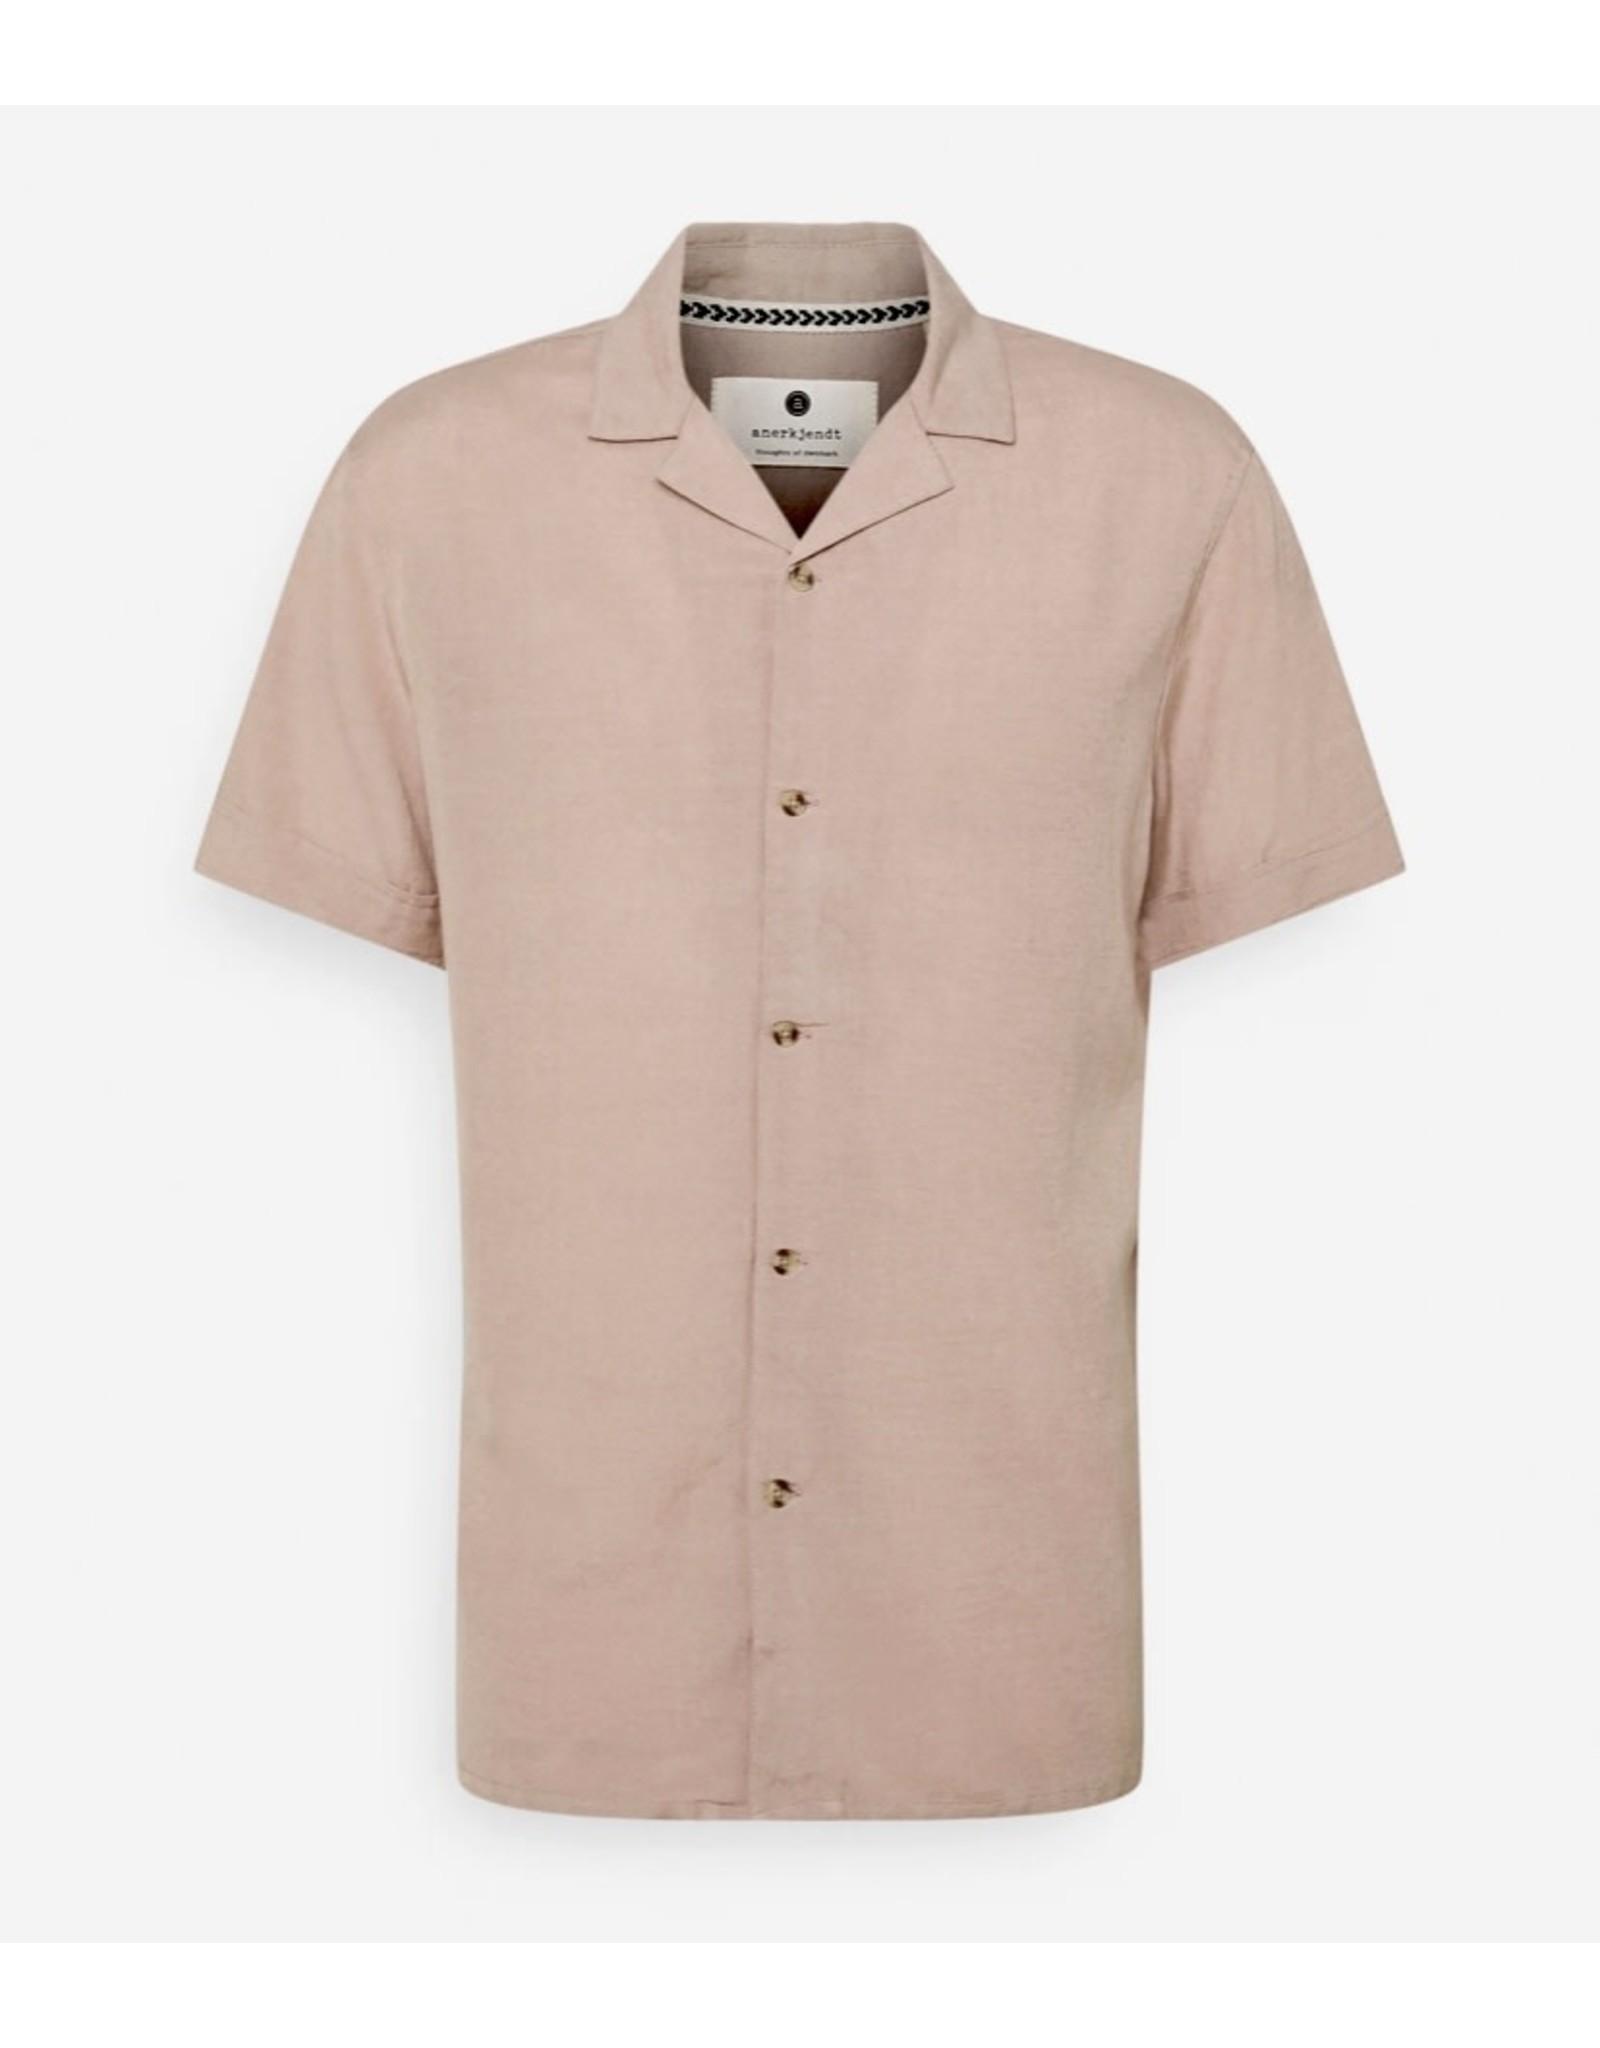 Anerkjendt Akleo Shirt